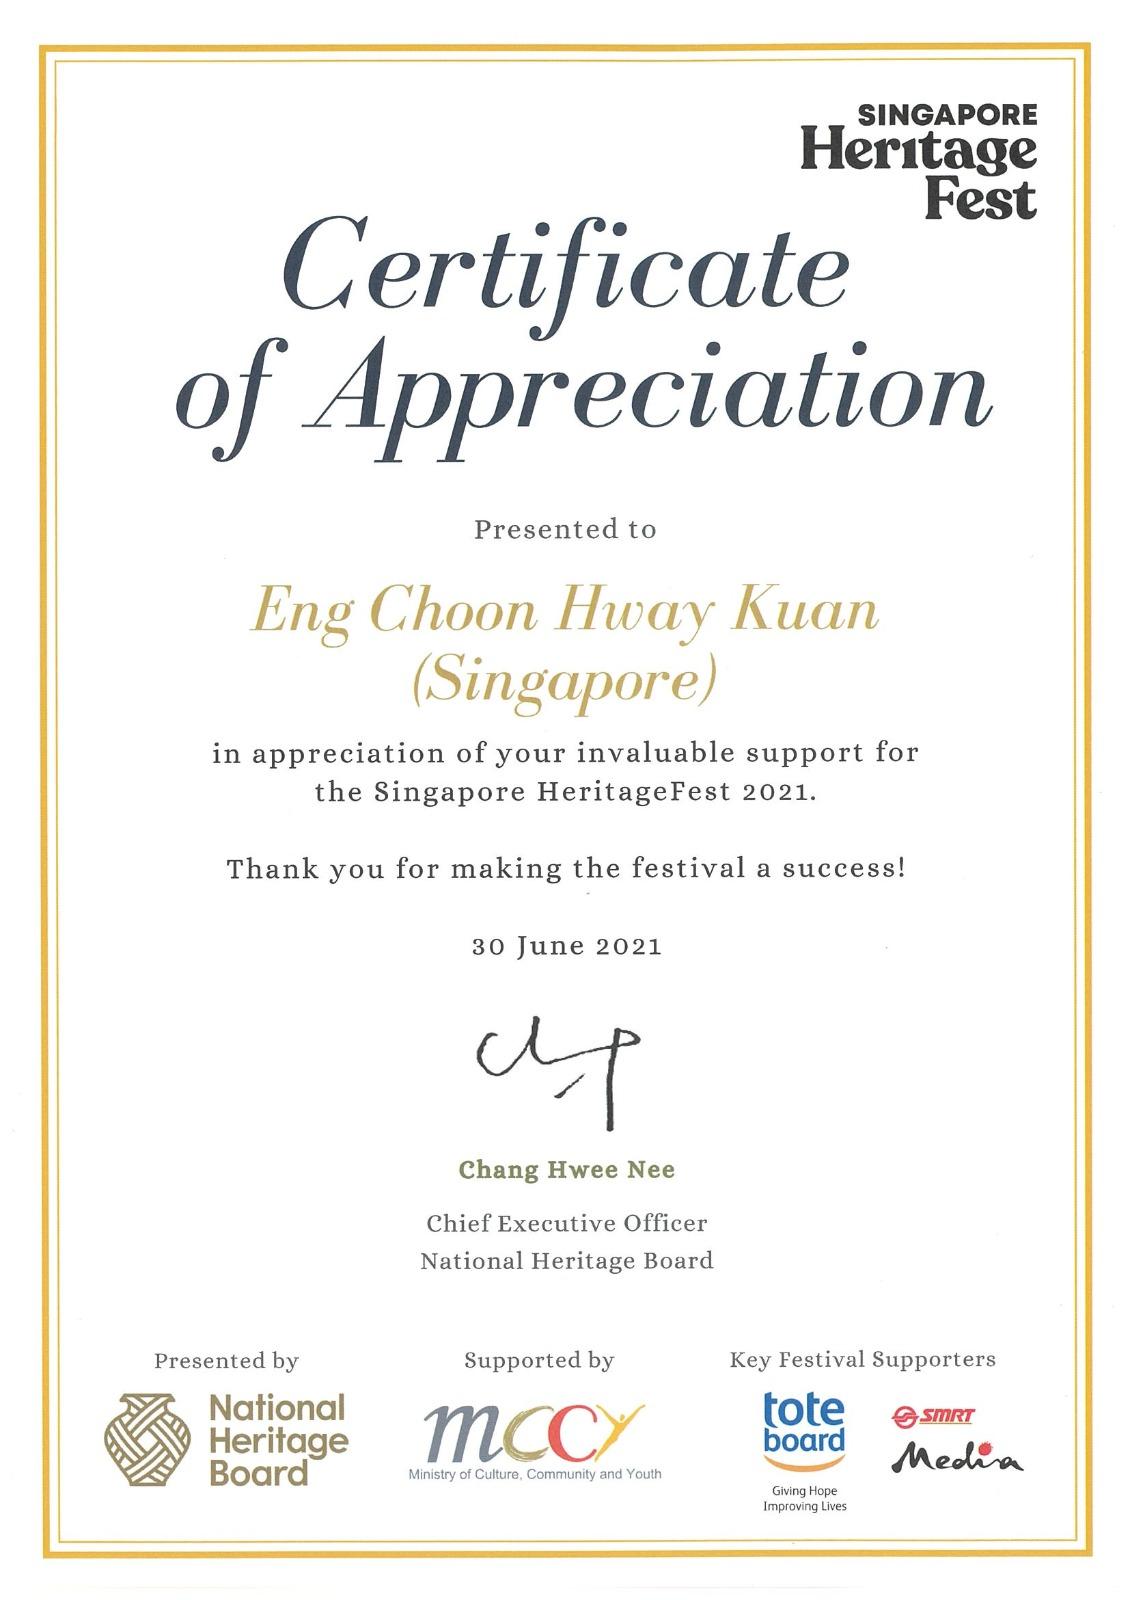 文物局派人送来的感谢证和礼物,感谢我们参加2021年传统文化节。